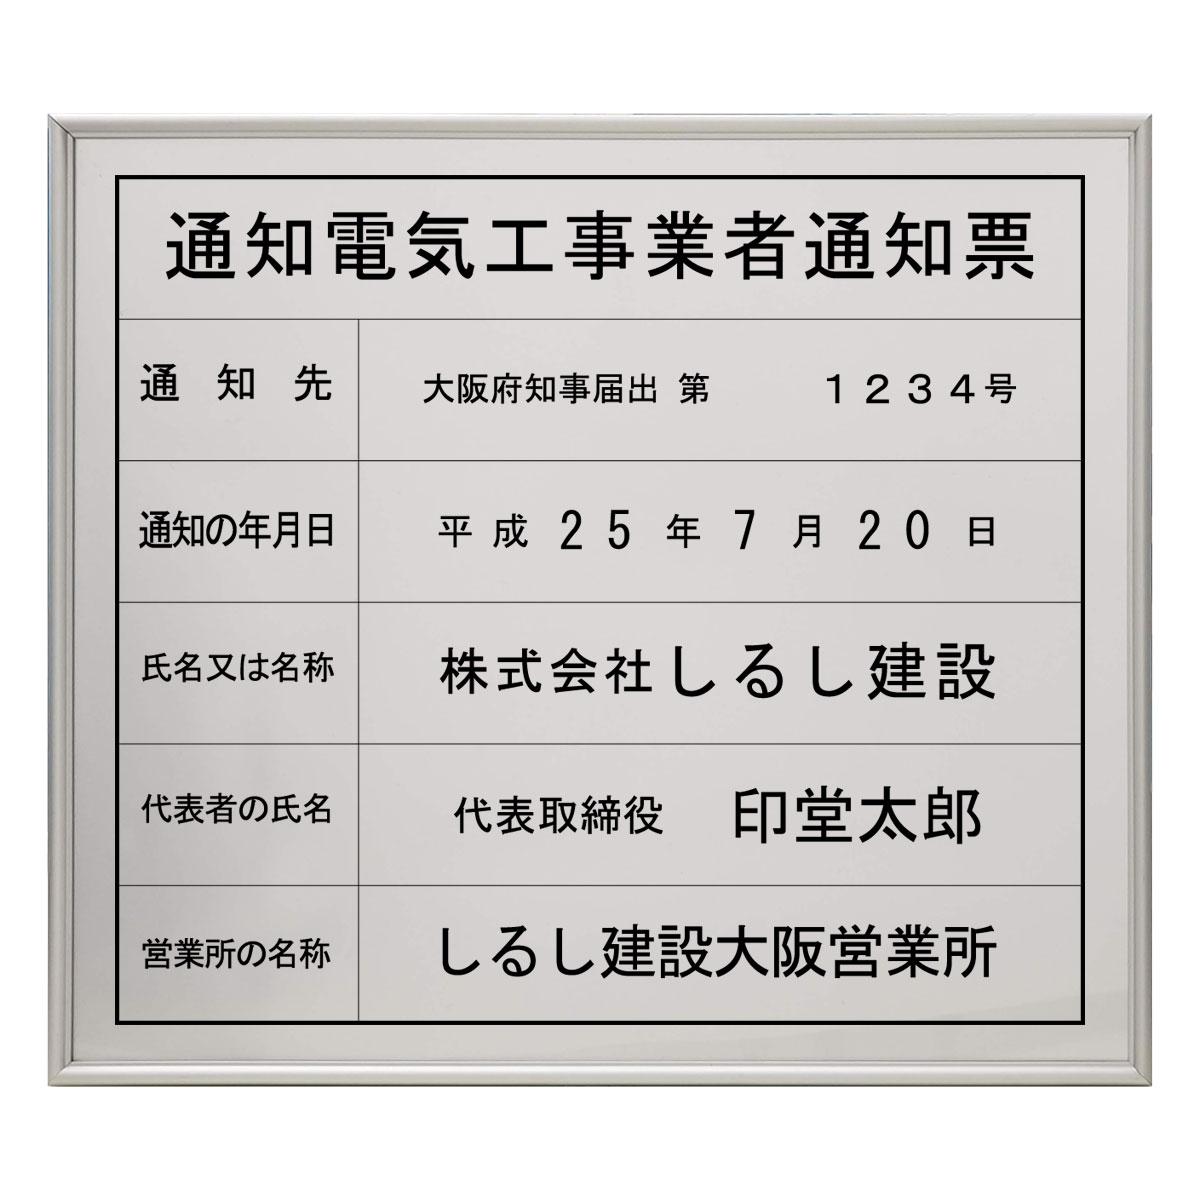 画像1: 通知電気工事業者通知票スタンダードシルバー (1)